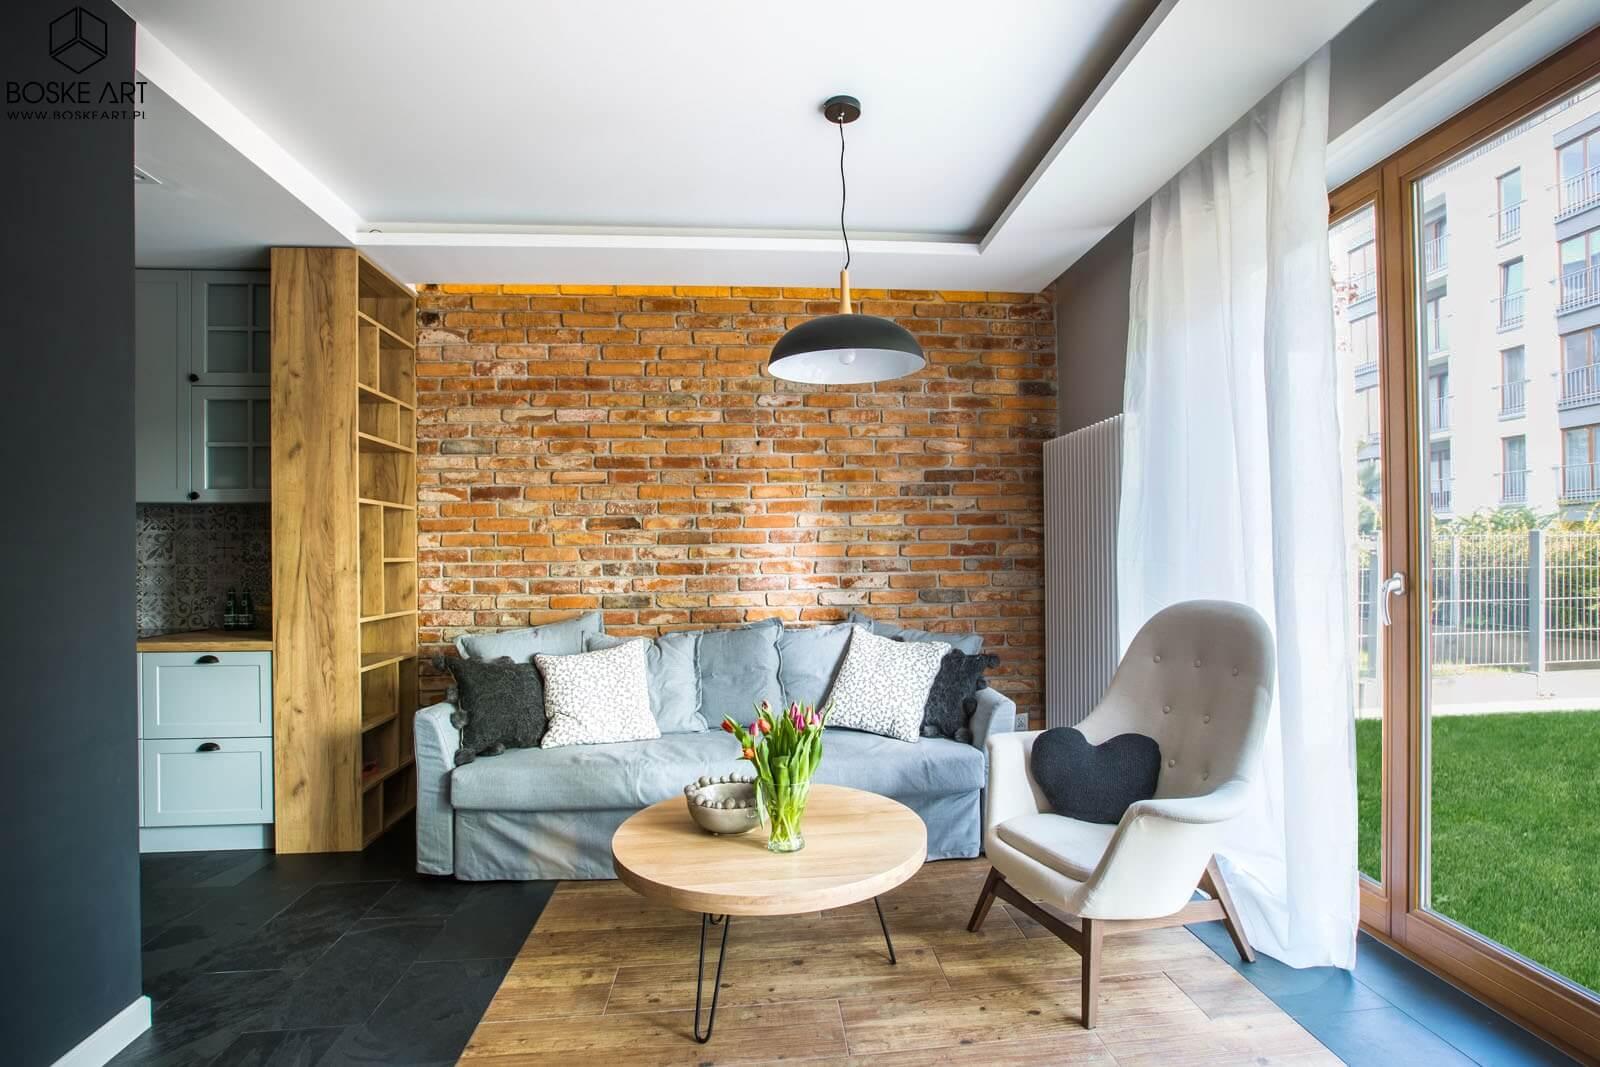 5_apartamenty_poznan_boske_art_projektowanie_aranzacja_architektura_wnetrz_natalia_robaszkeiwicz-min